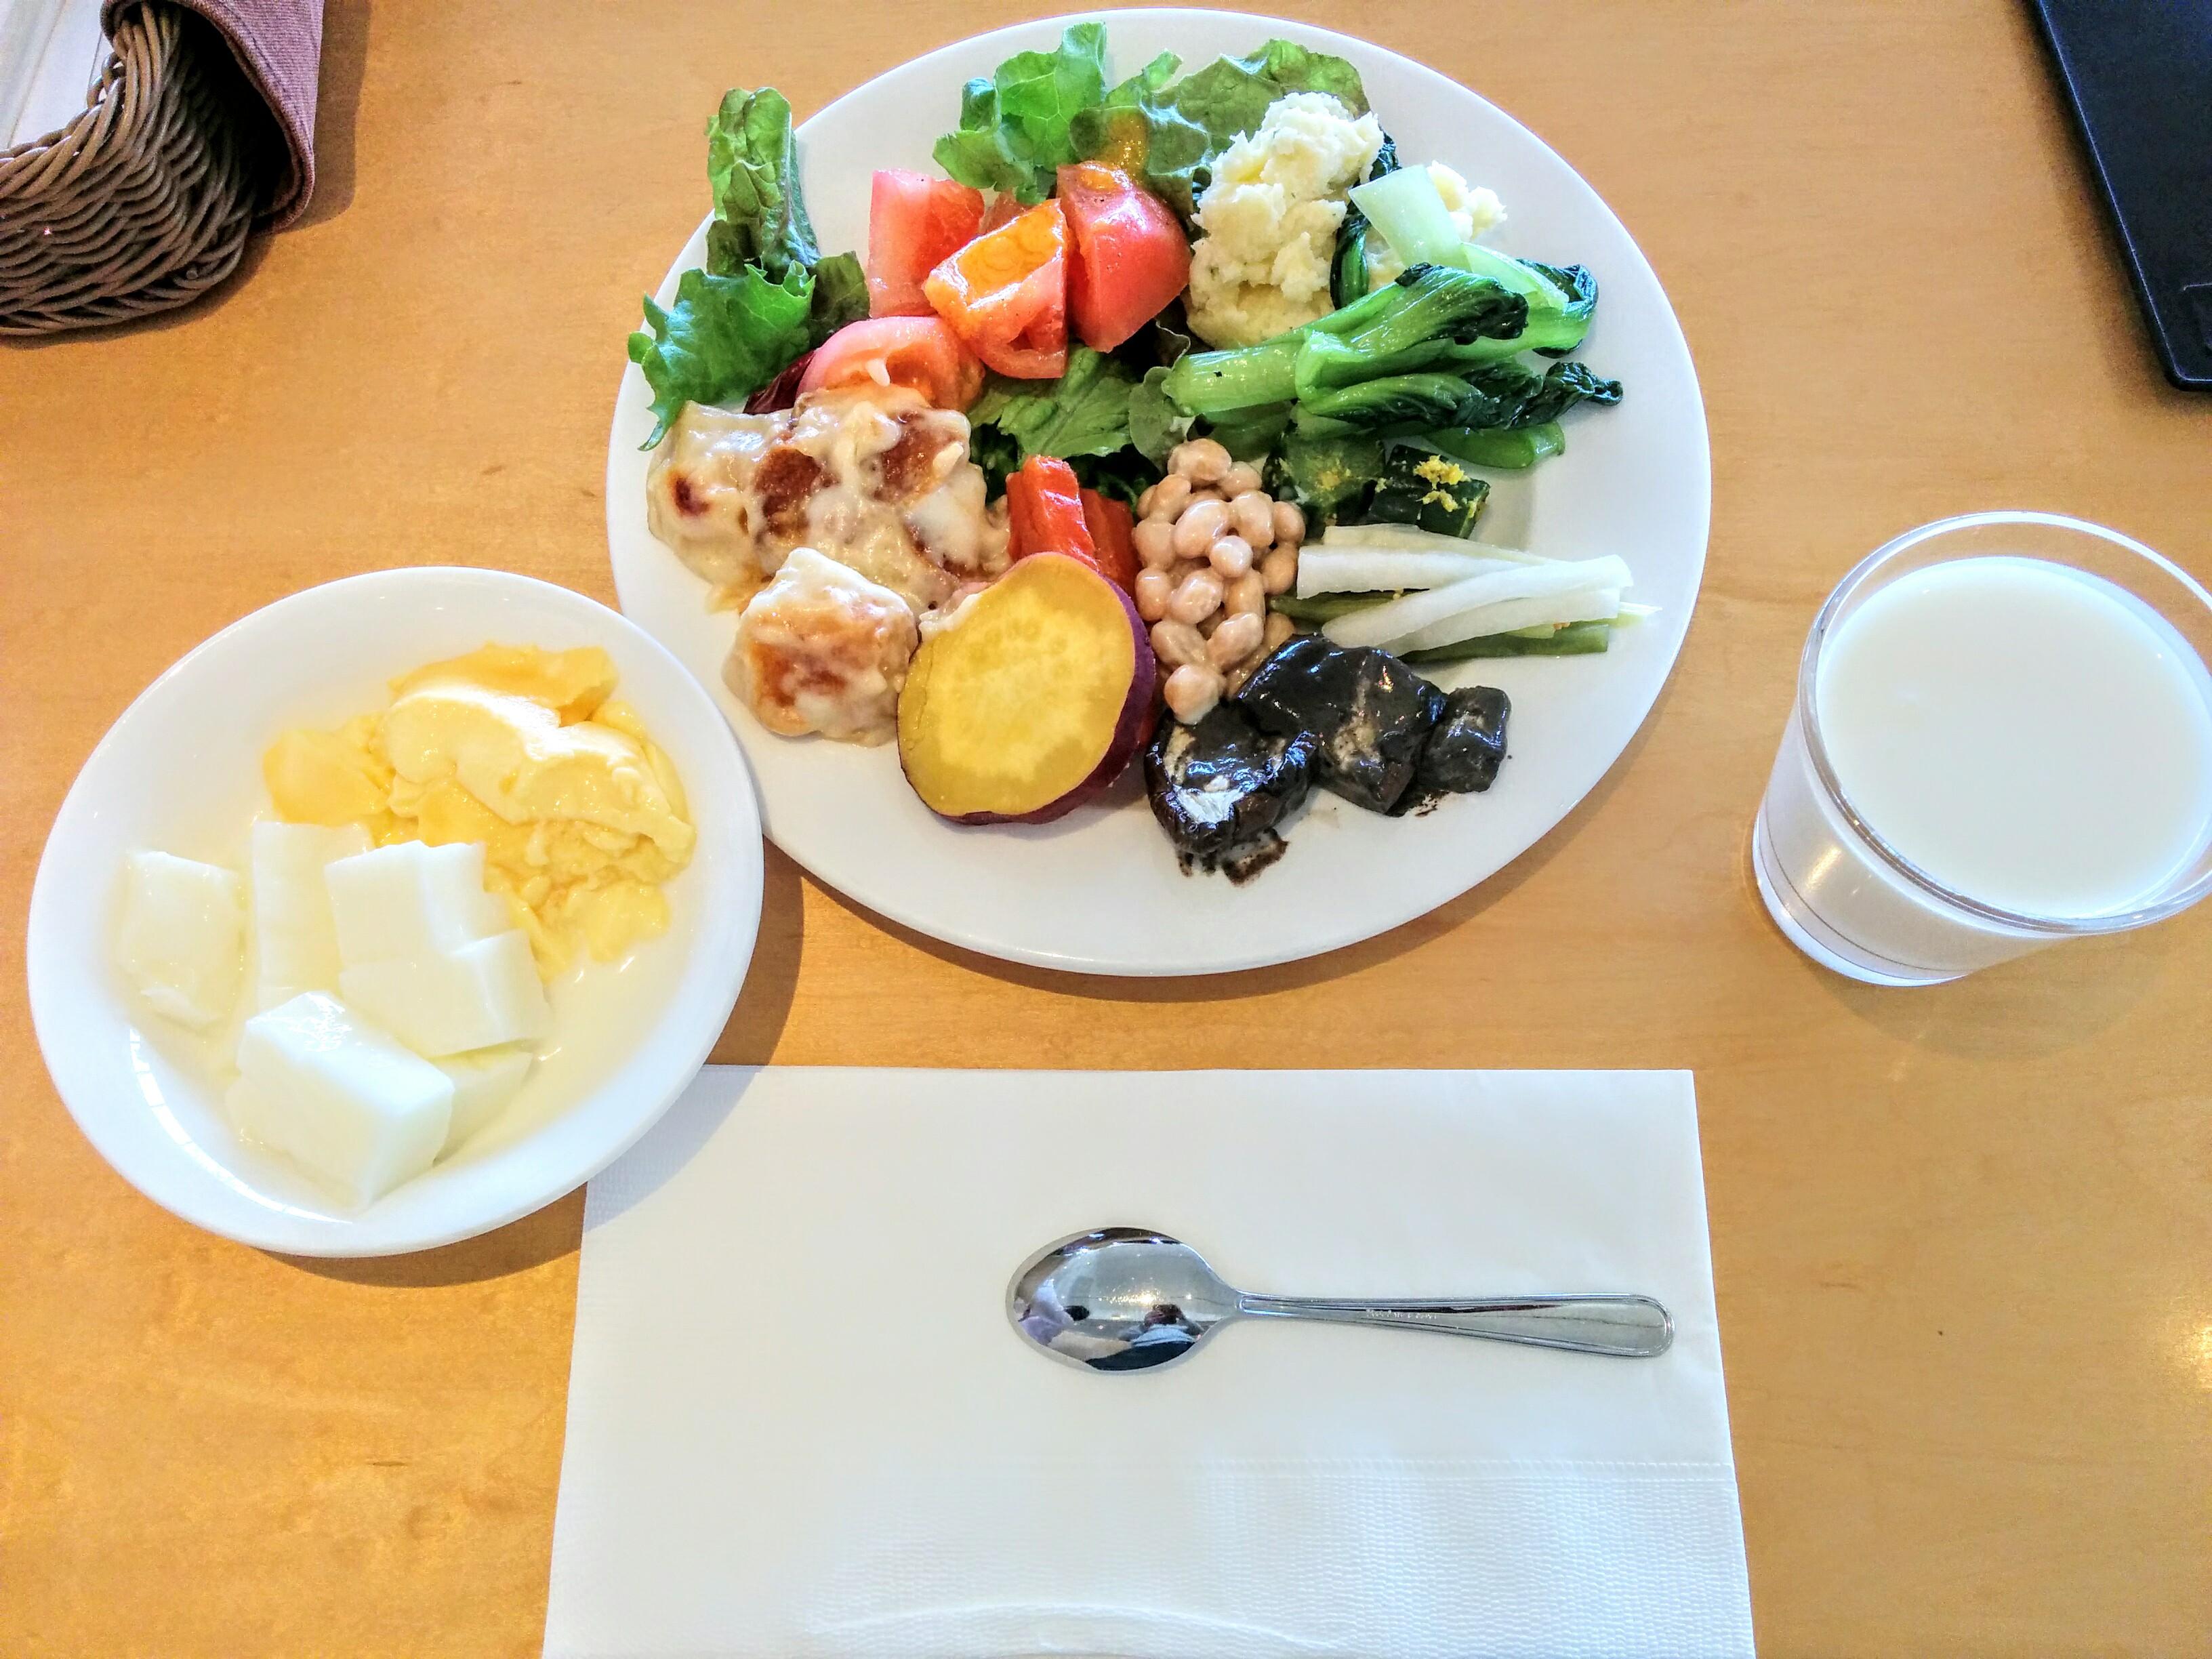 【ニセコ】高橋牧場レストラン・プラティーボ観光グルメ案内です。